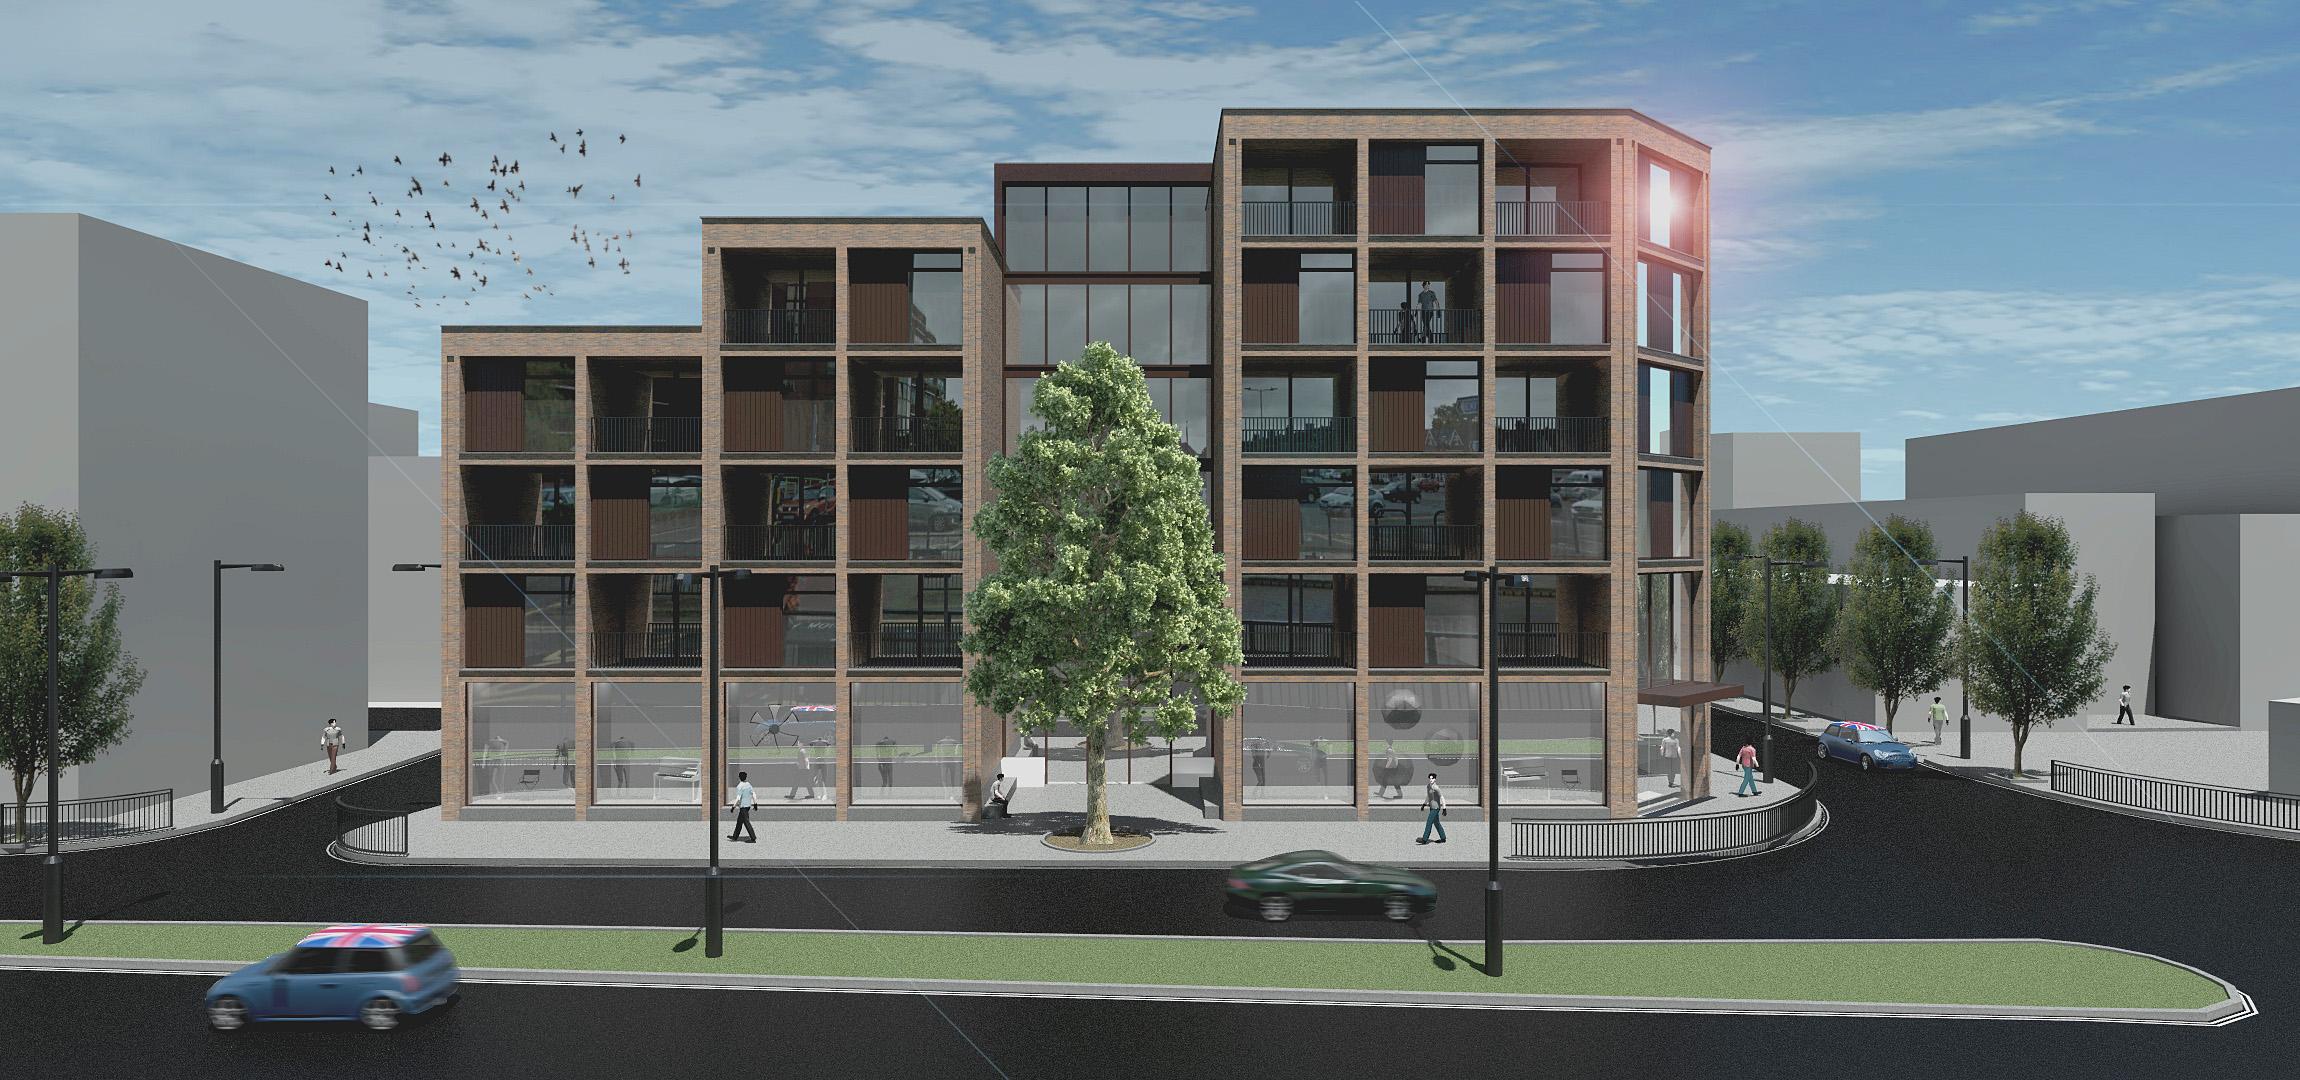 Ontwerp appartementencomplex door architect Maxim Winkelaar uit Amsterdam voor een project in London, Engeland.